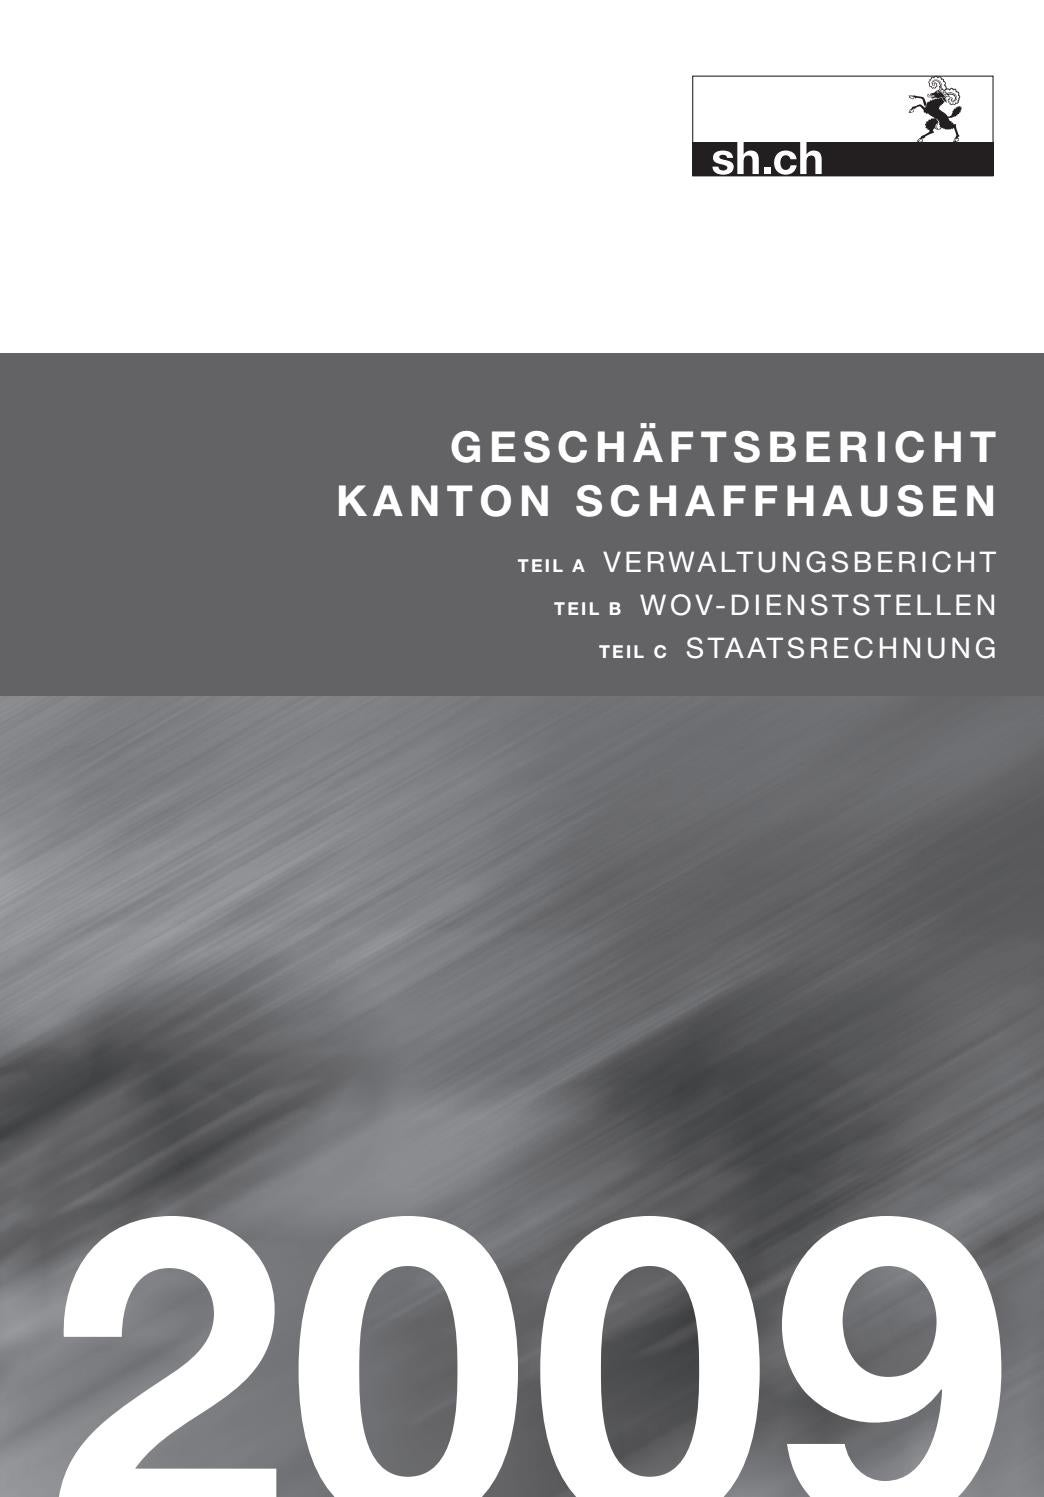 Geschäftsbericht 2009 Kanton Schaffhausen By Ksd Sh Issuu